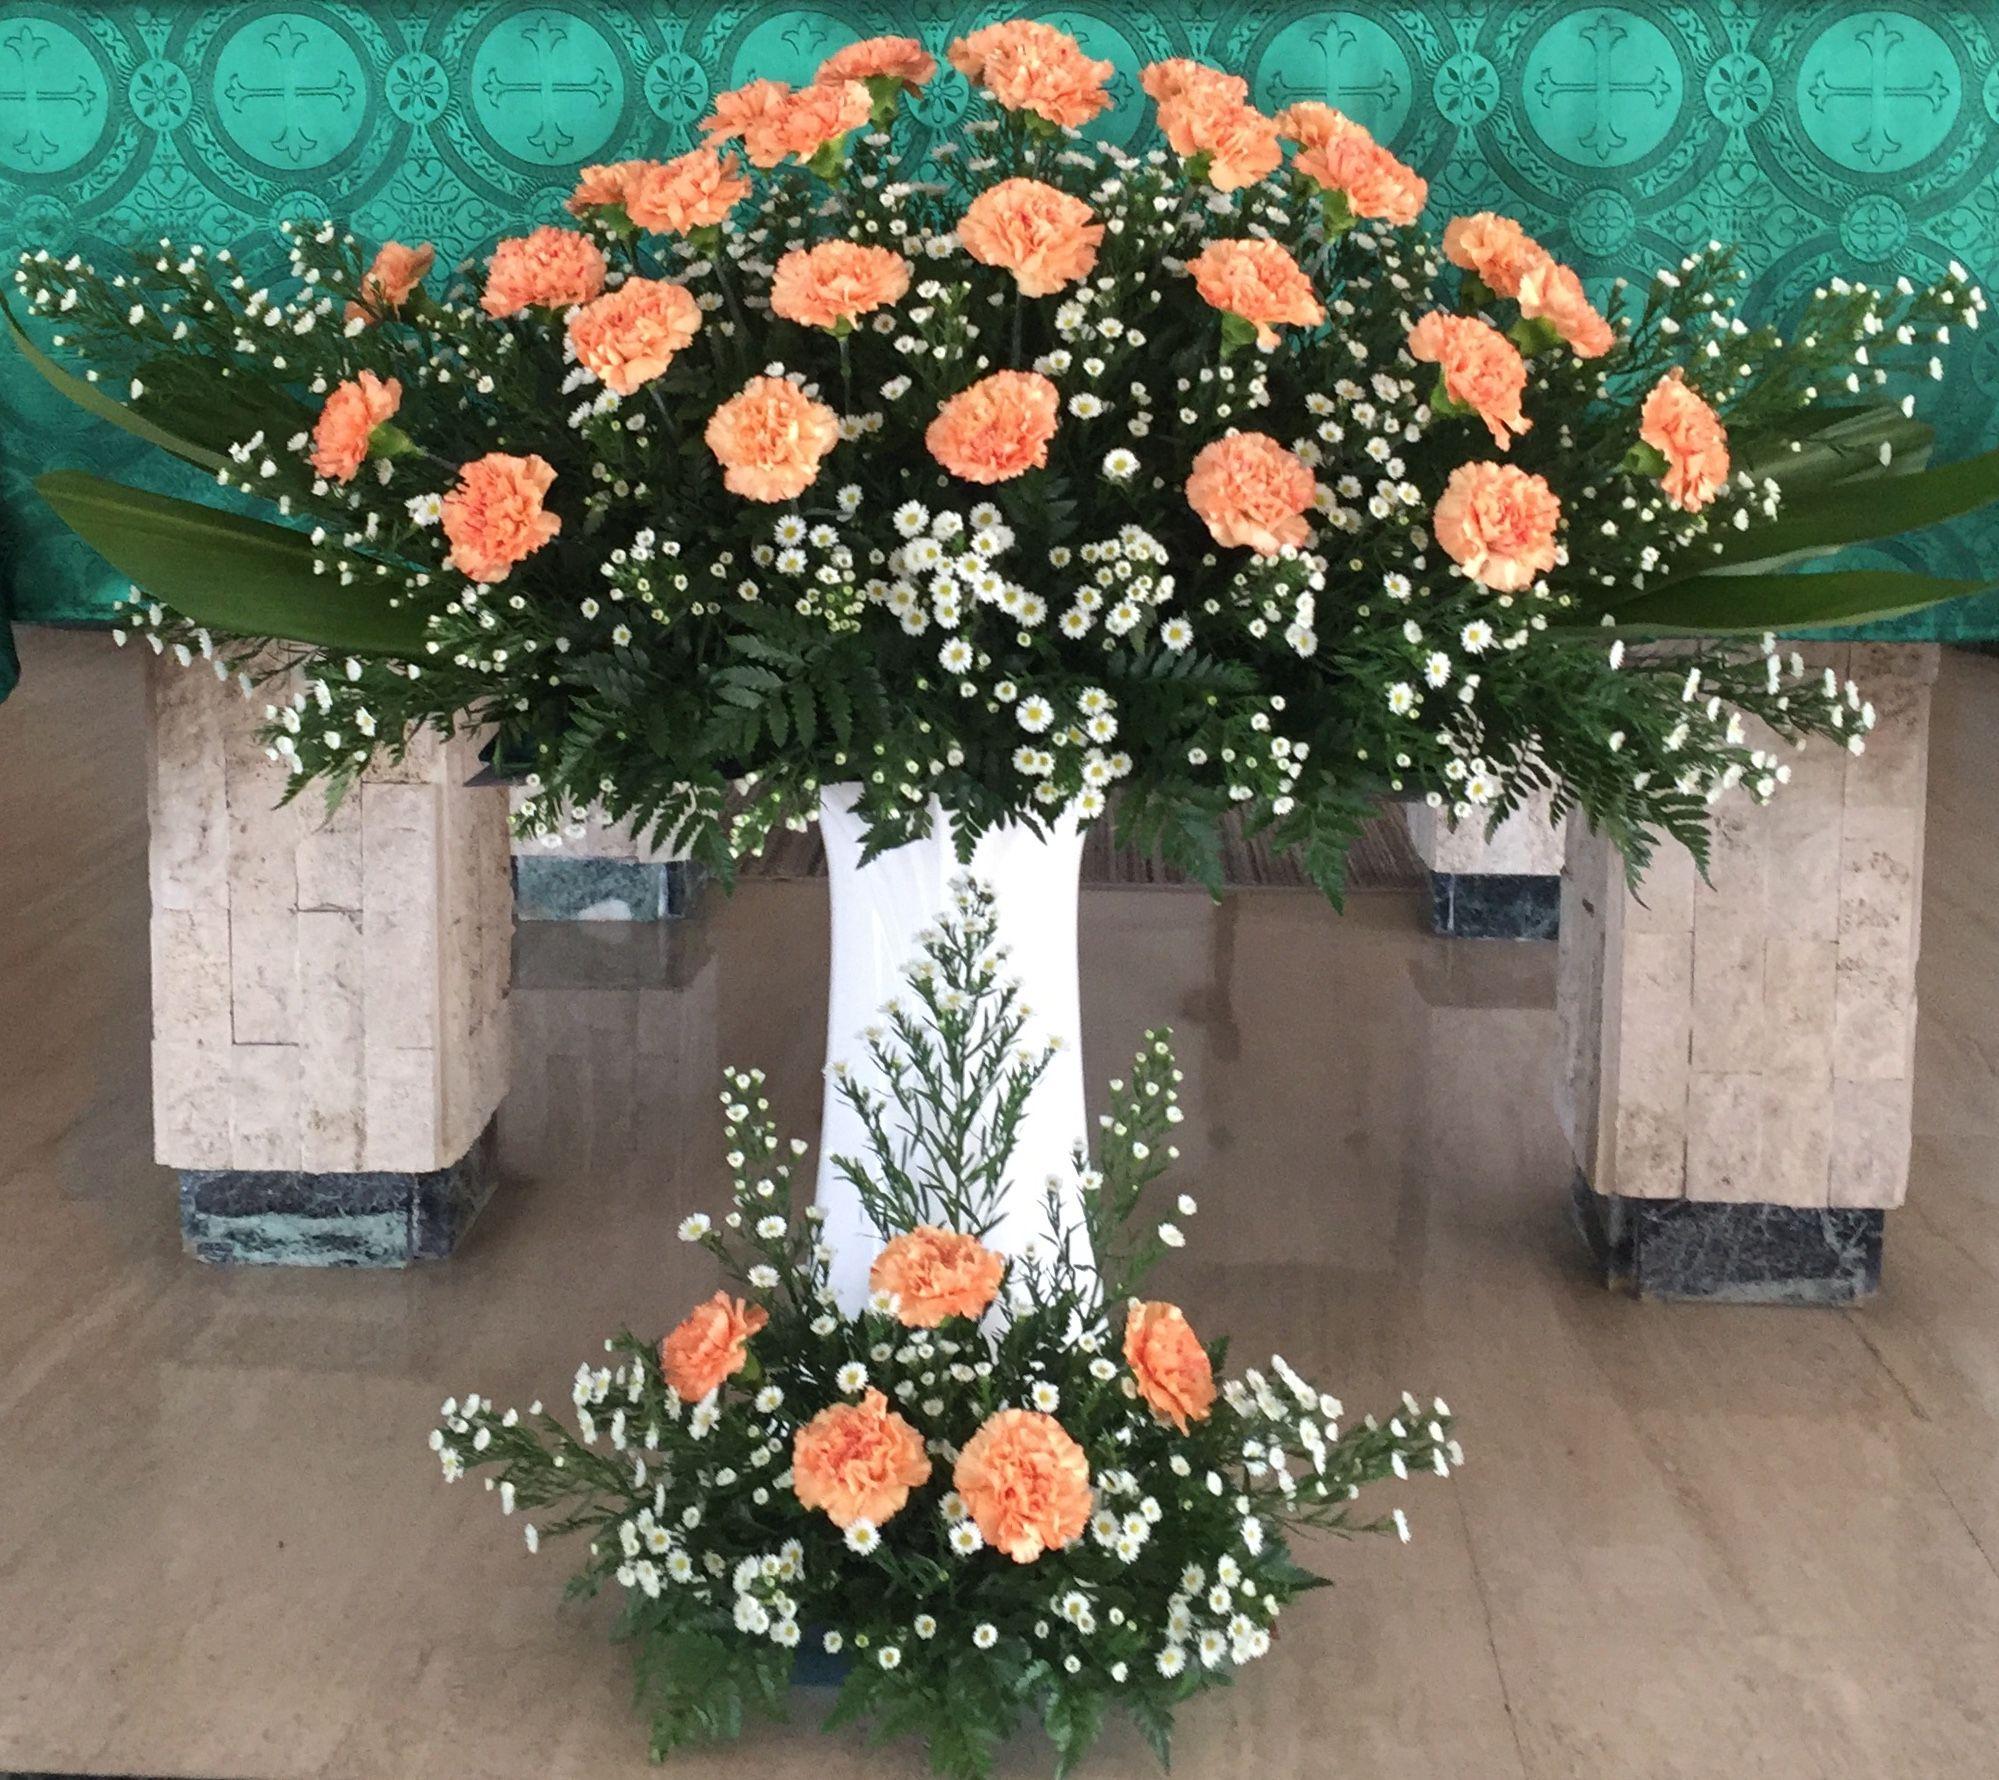 Pin De Agnes Roy Em Church Flower Arrangements Arranjos Florais